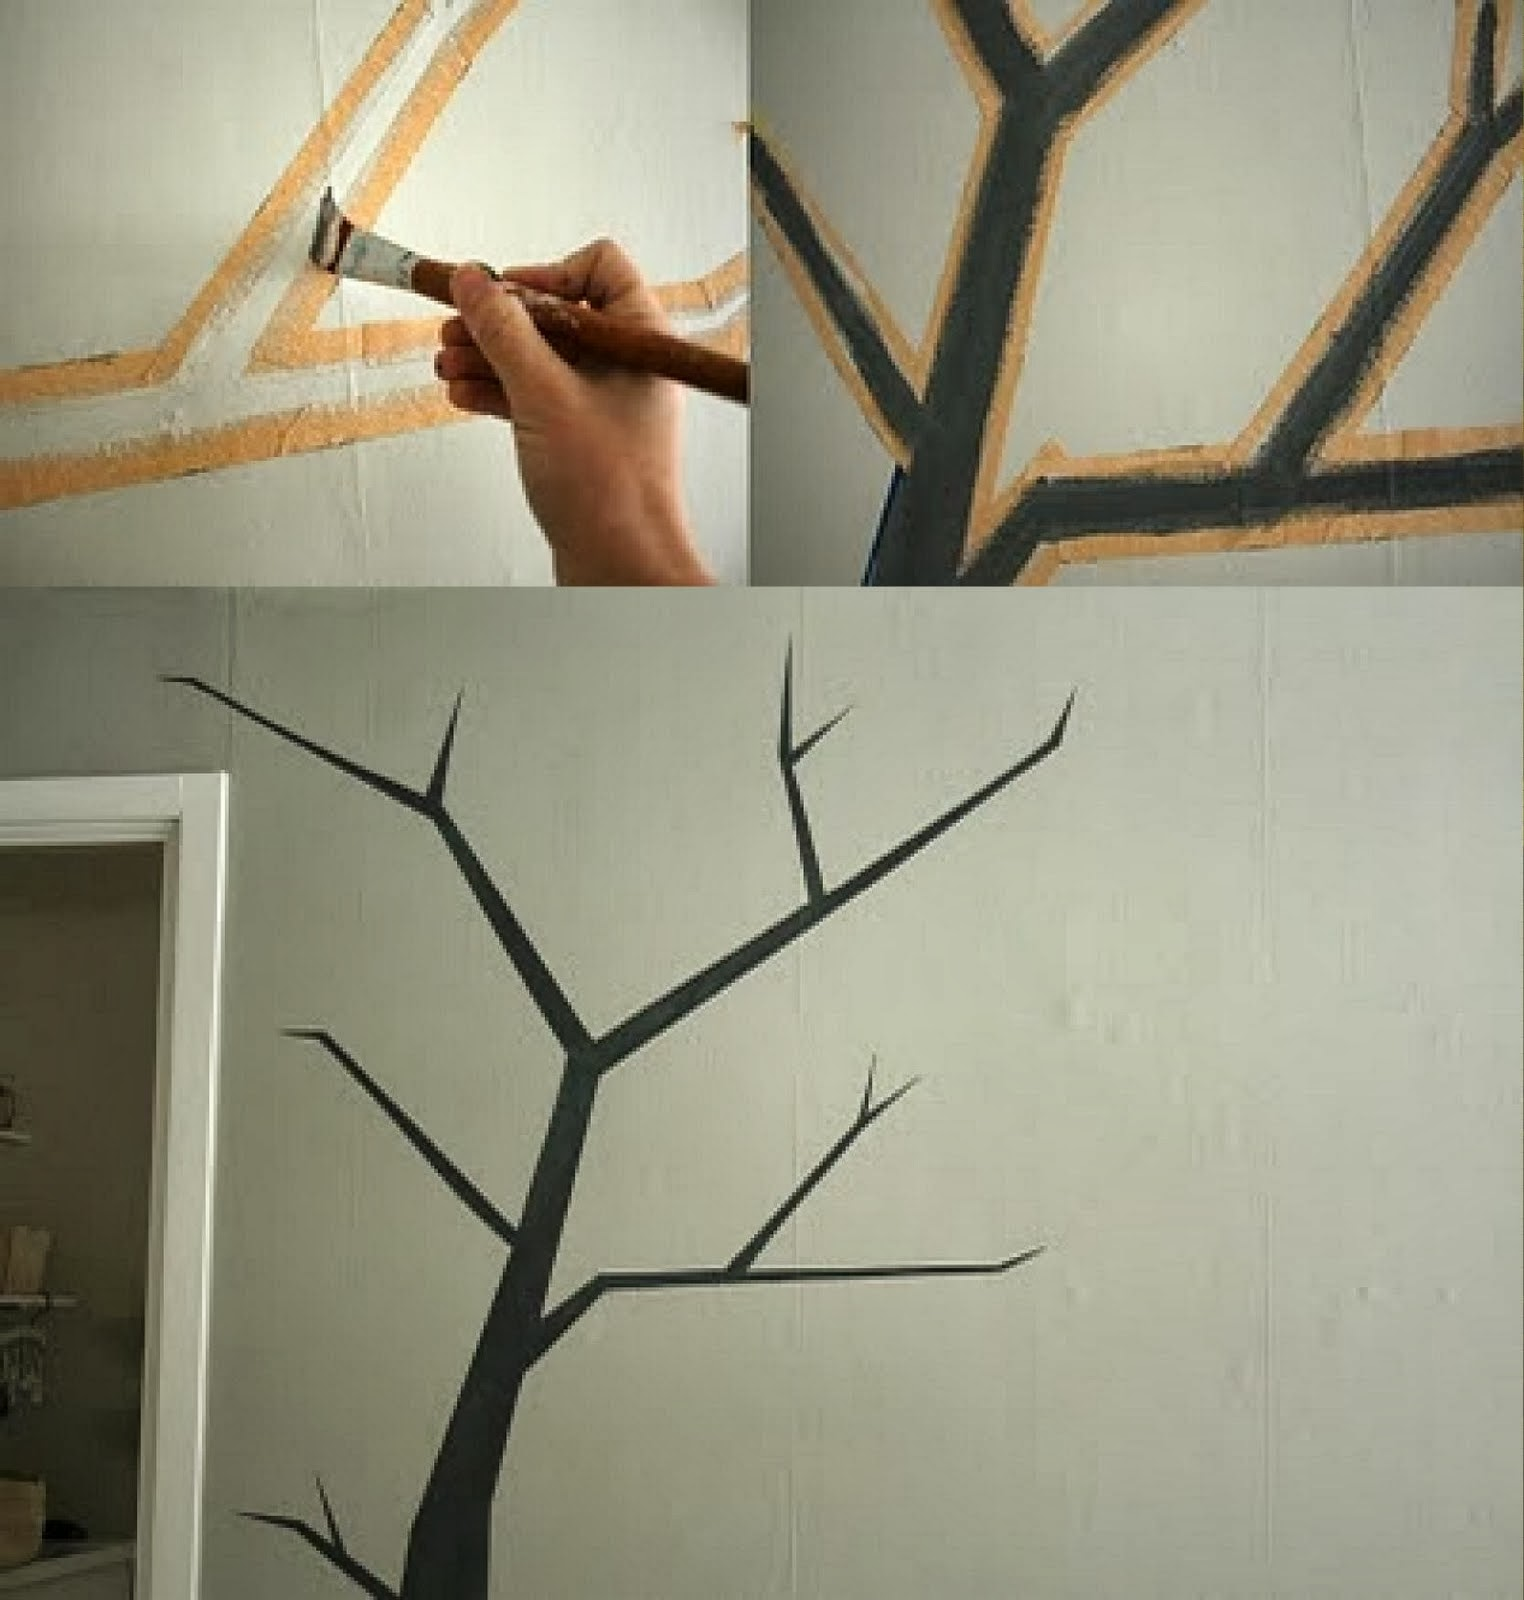 Escuela de manualidades bezaleel manual de manualidades - Pintar paredes con dibujos ...